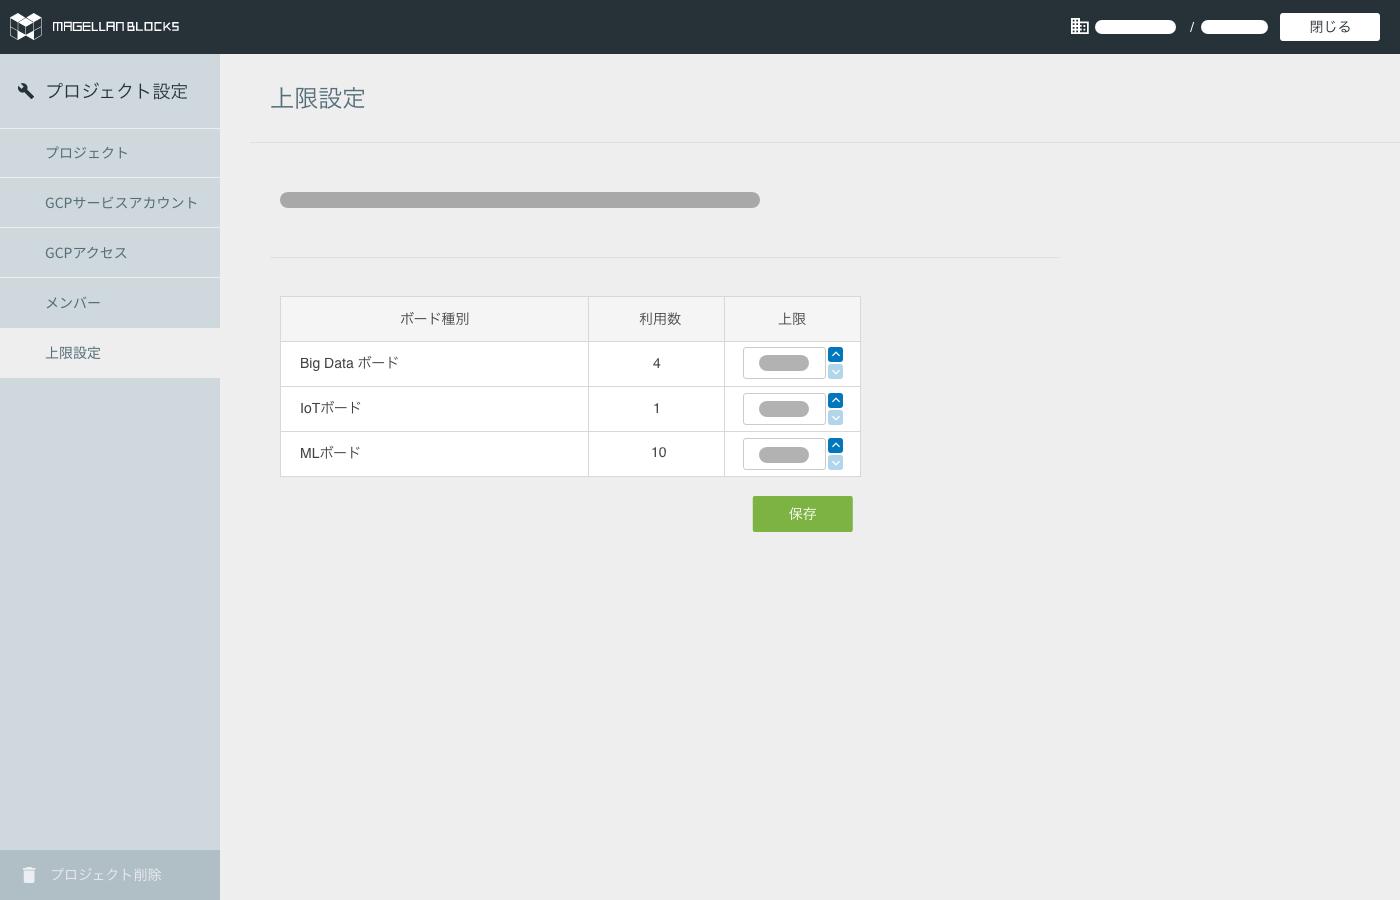 プロジェクト設定の上限設定画面